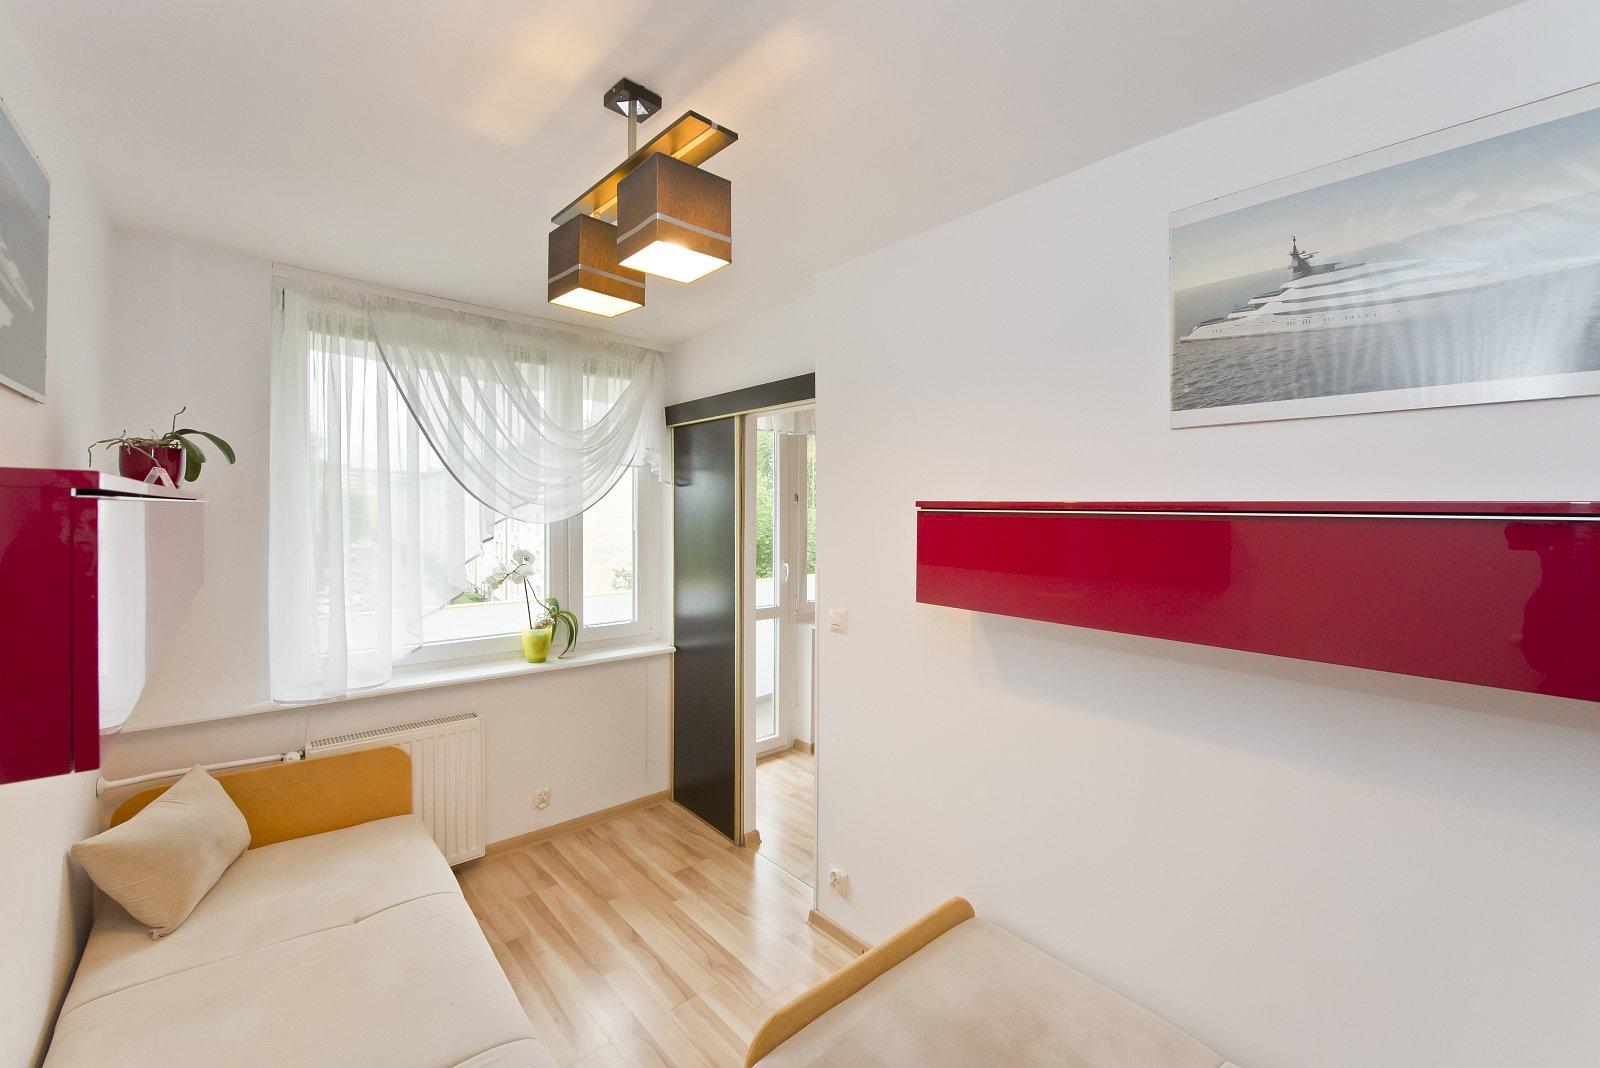 mieszkanie-wynajem-gdansk-ow6-02-03web